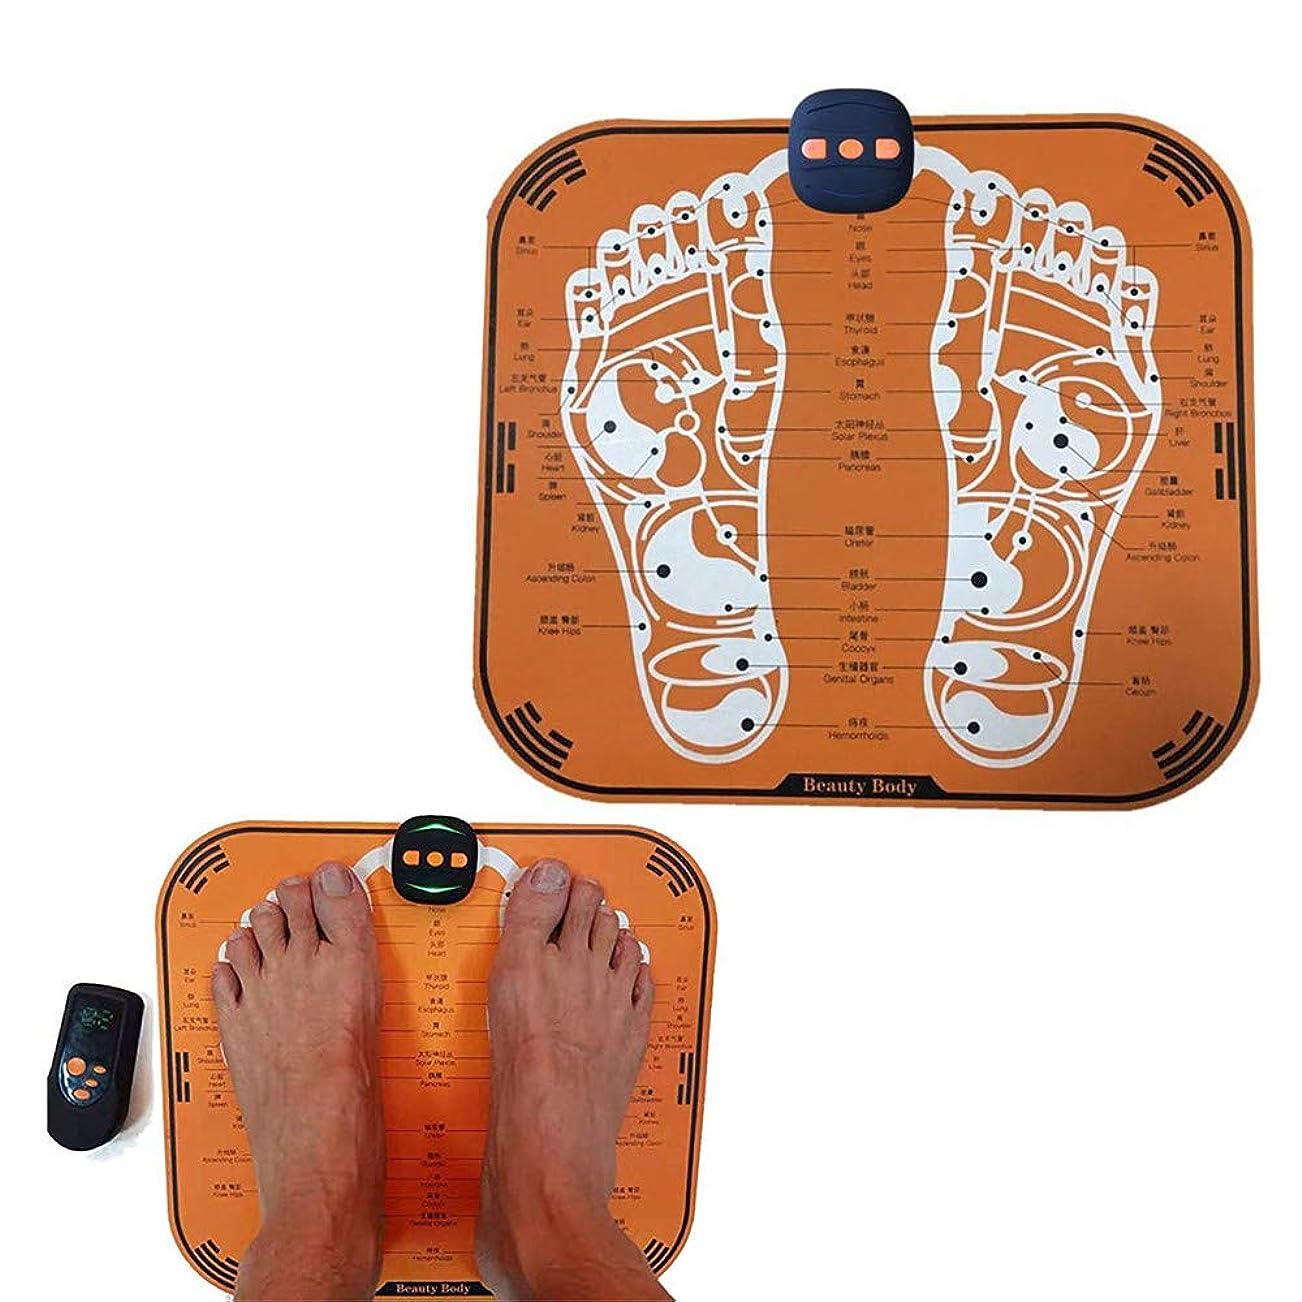 病的描く内なるフットマッサージ器、血液の循環を促進する携帯用電気マッサージマット、電子指圧筋肉Stimulatior足のマッサージを折りたたみ